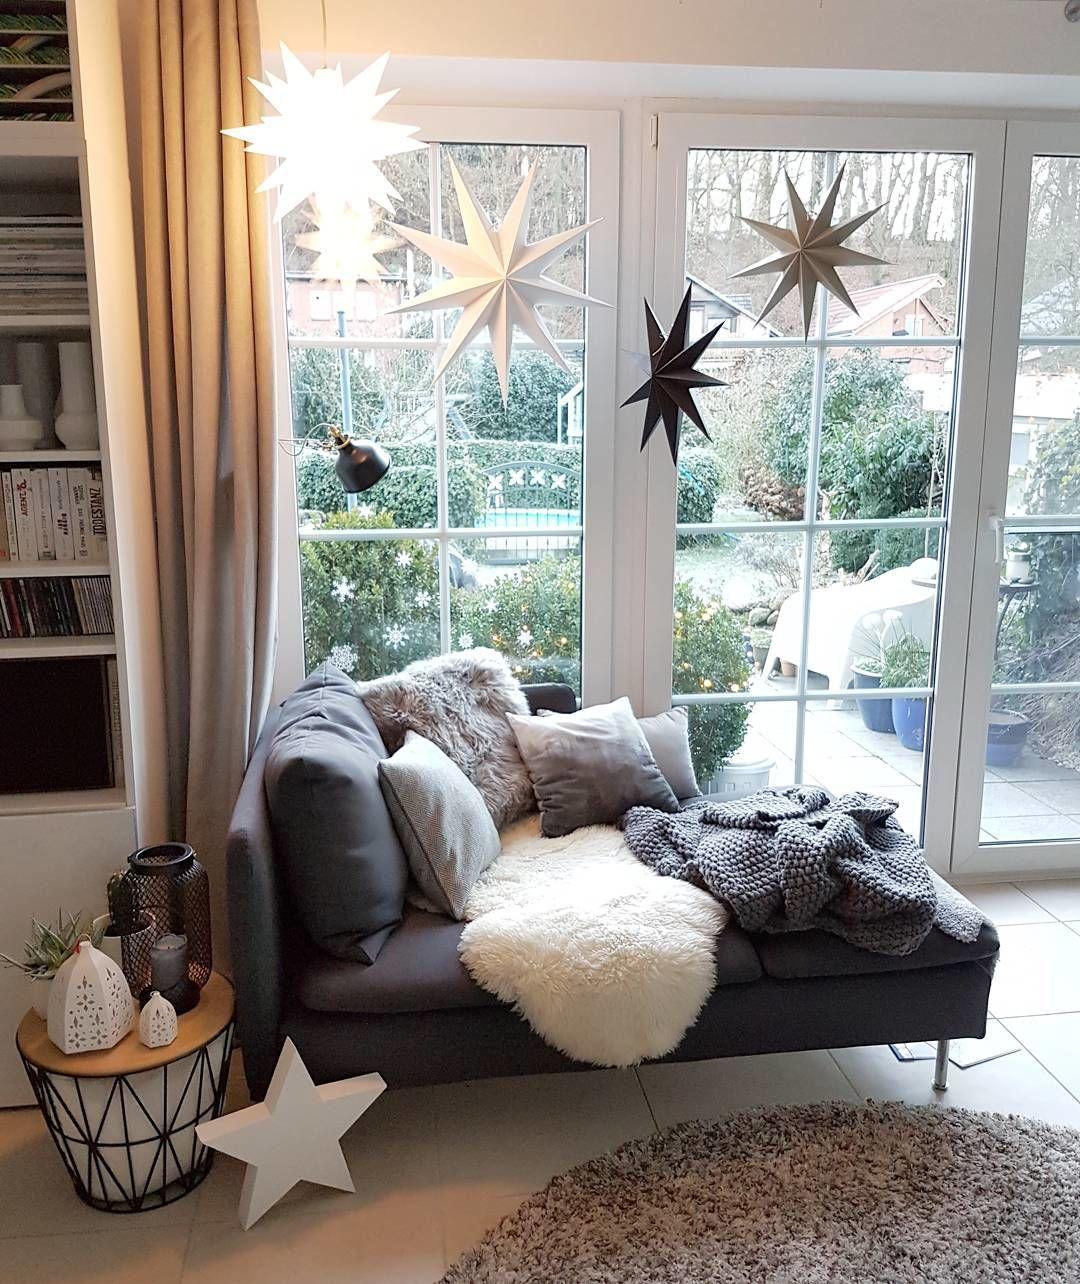 die sch nsten ideen f r dein ikea wohnzimmer. Black Bedroom Furniture Sets. Home Design Ideas